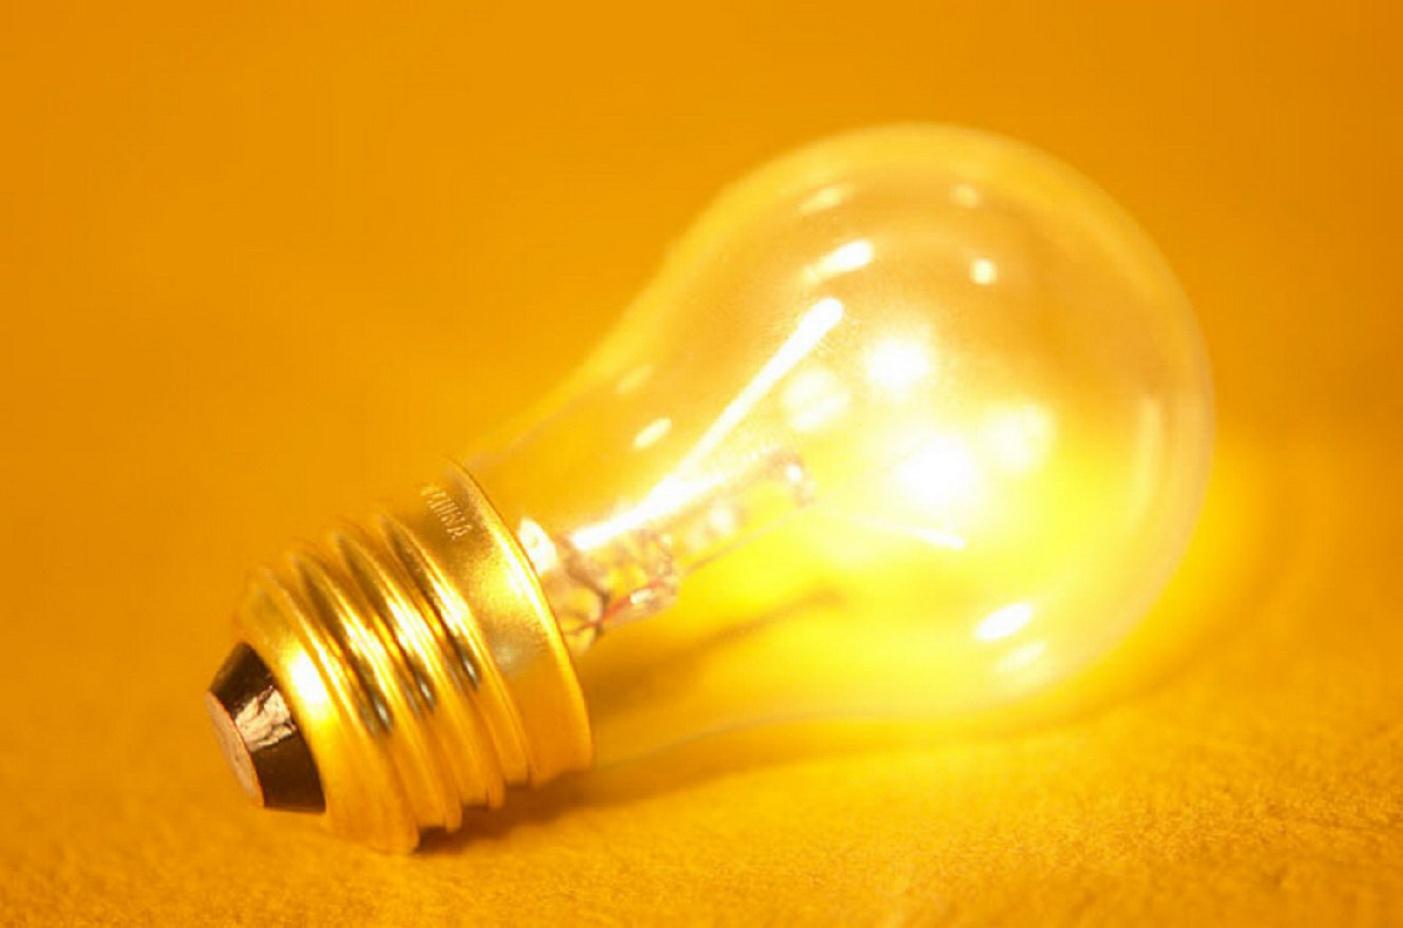 Chiêm bao bóng đèn bị hỏng có tốt không?